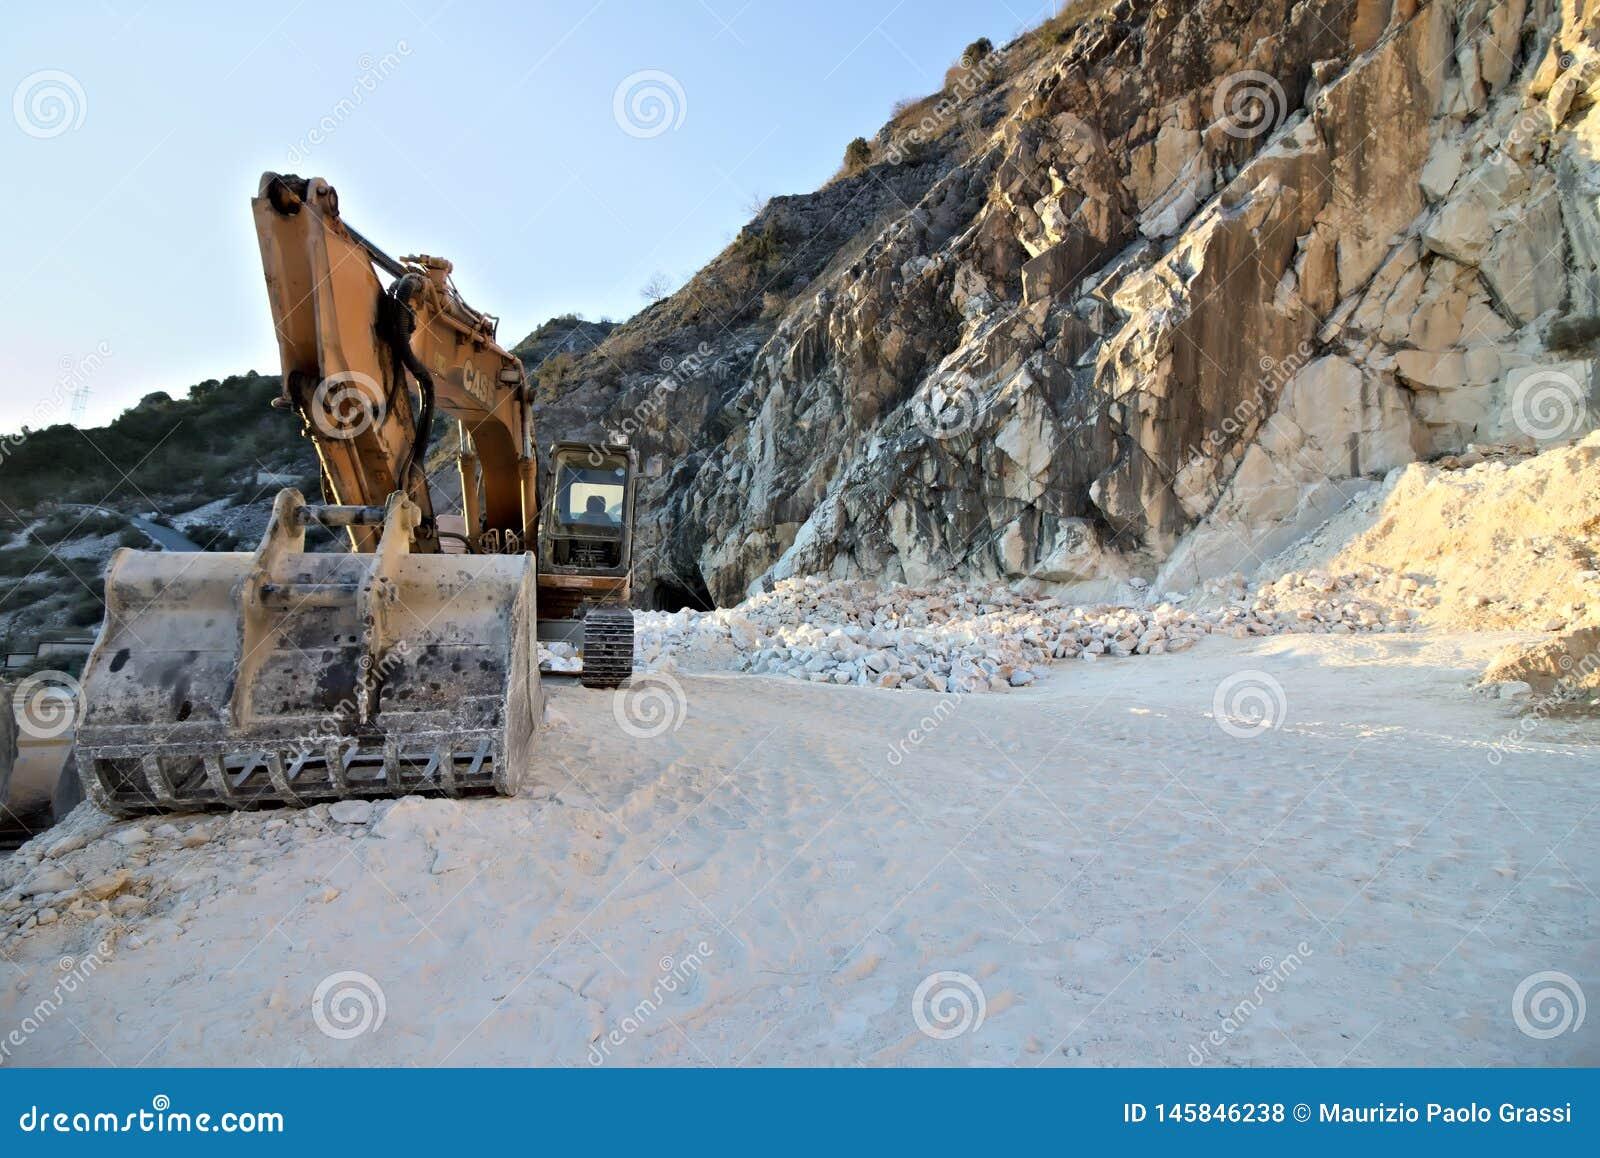 Alpi di Apuan, Carrara, Toscana, Italia 28 marzo 2019 Un escavatore in una cava del marmo bianco di Carrara